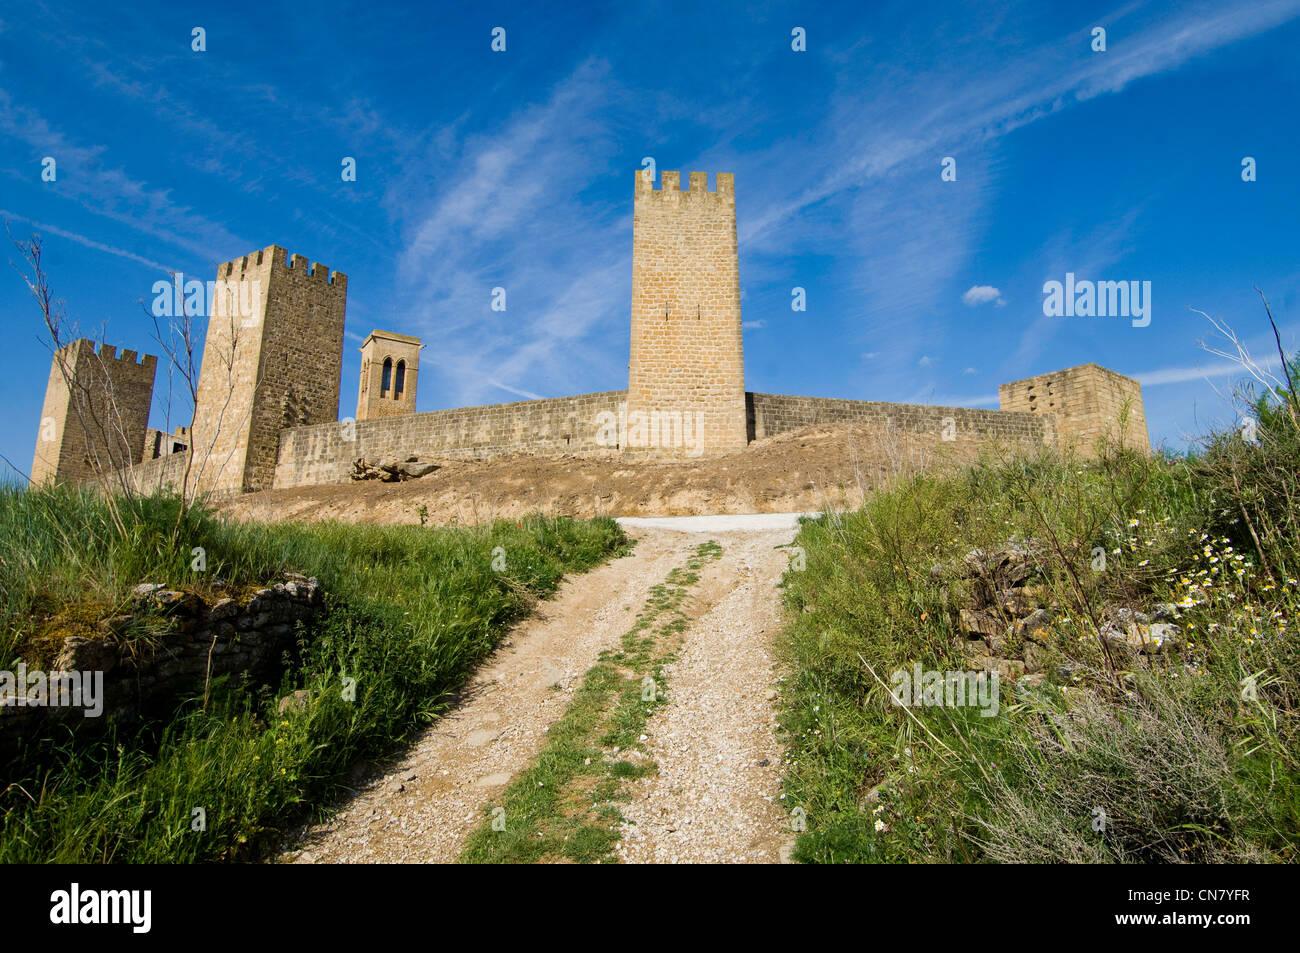 L'Espagne, Navarre, Artajona, la forteresse, en date du 11e siècle Photo Stock